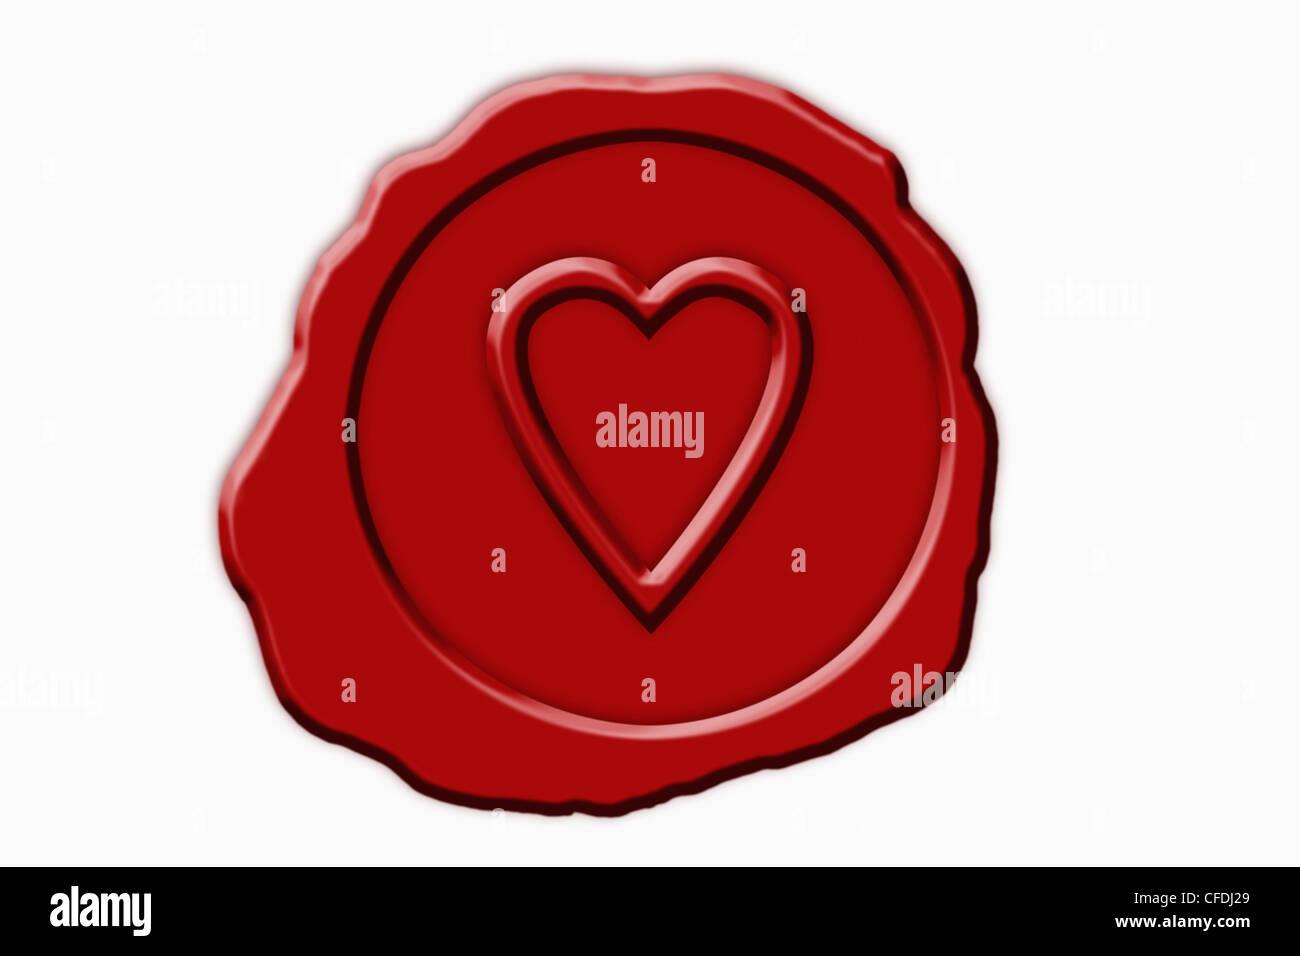 Detail-Foto einer roten Dichtung mit einem Herz-Symbol in der Mitte Stockbild